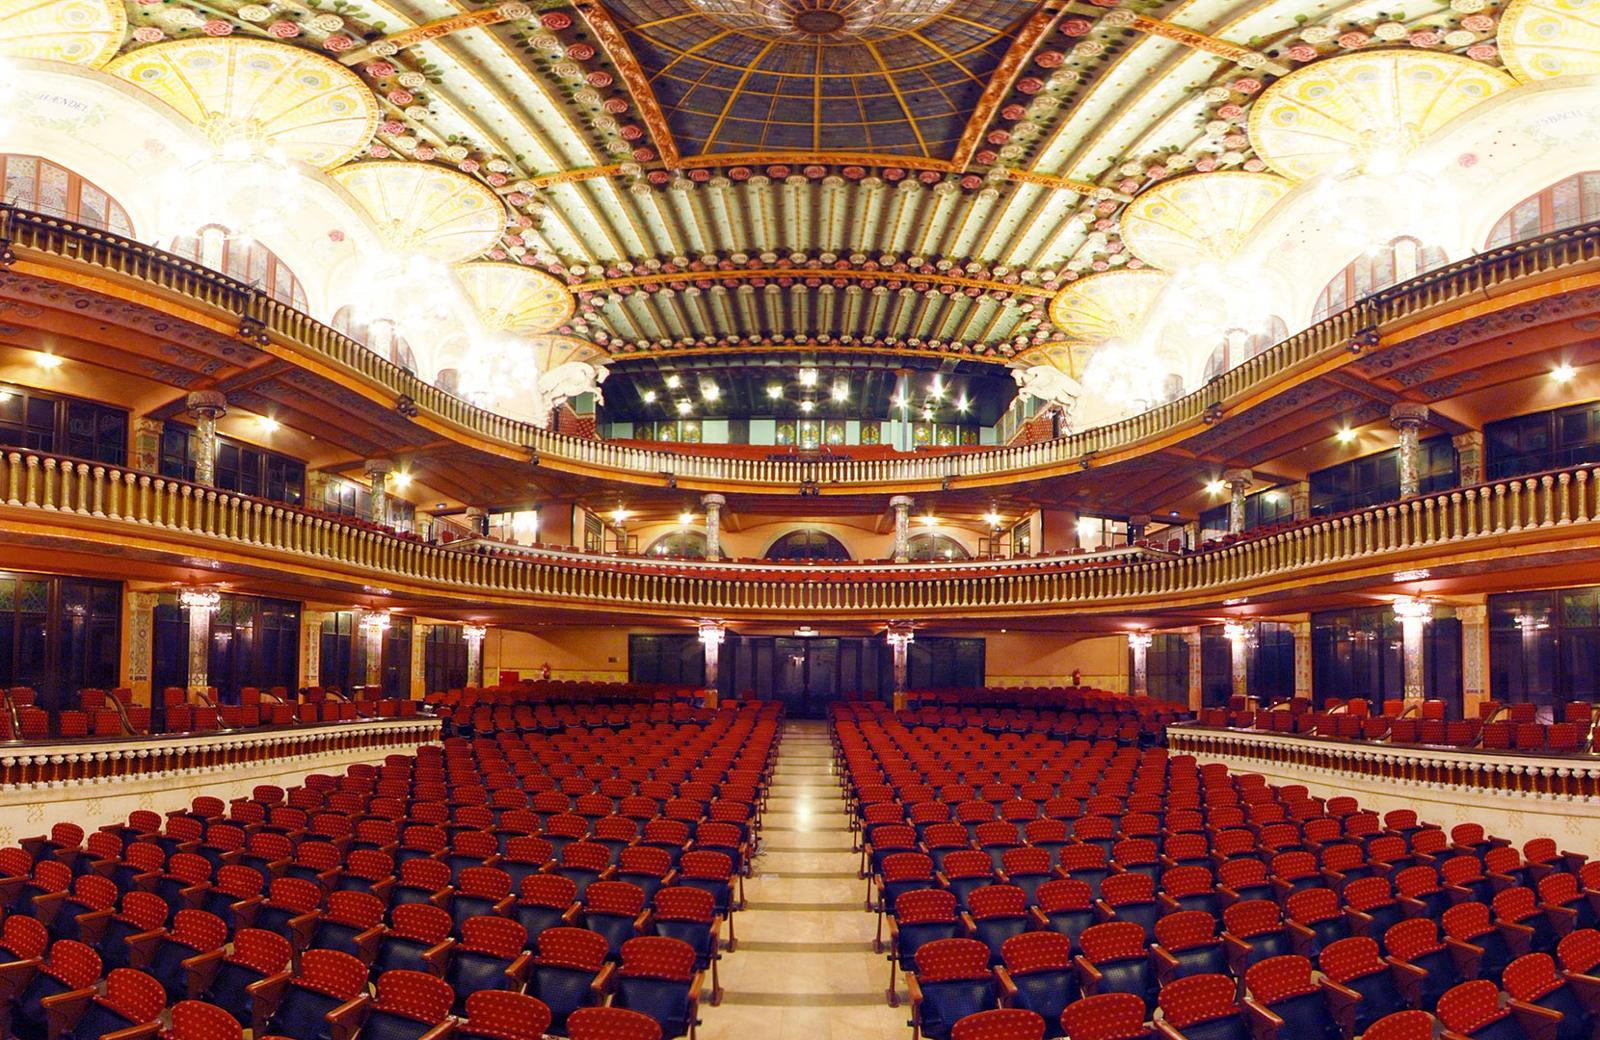 5 سالن تئاتر باشکوه دنیا